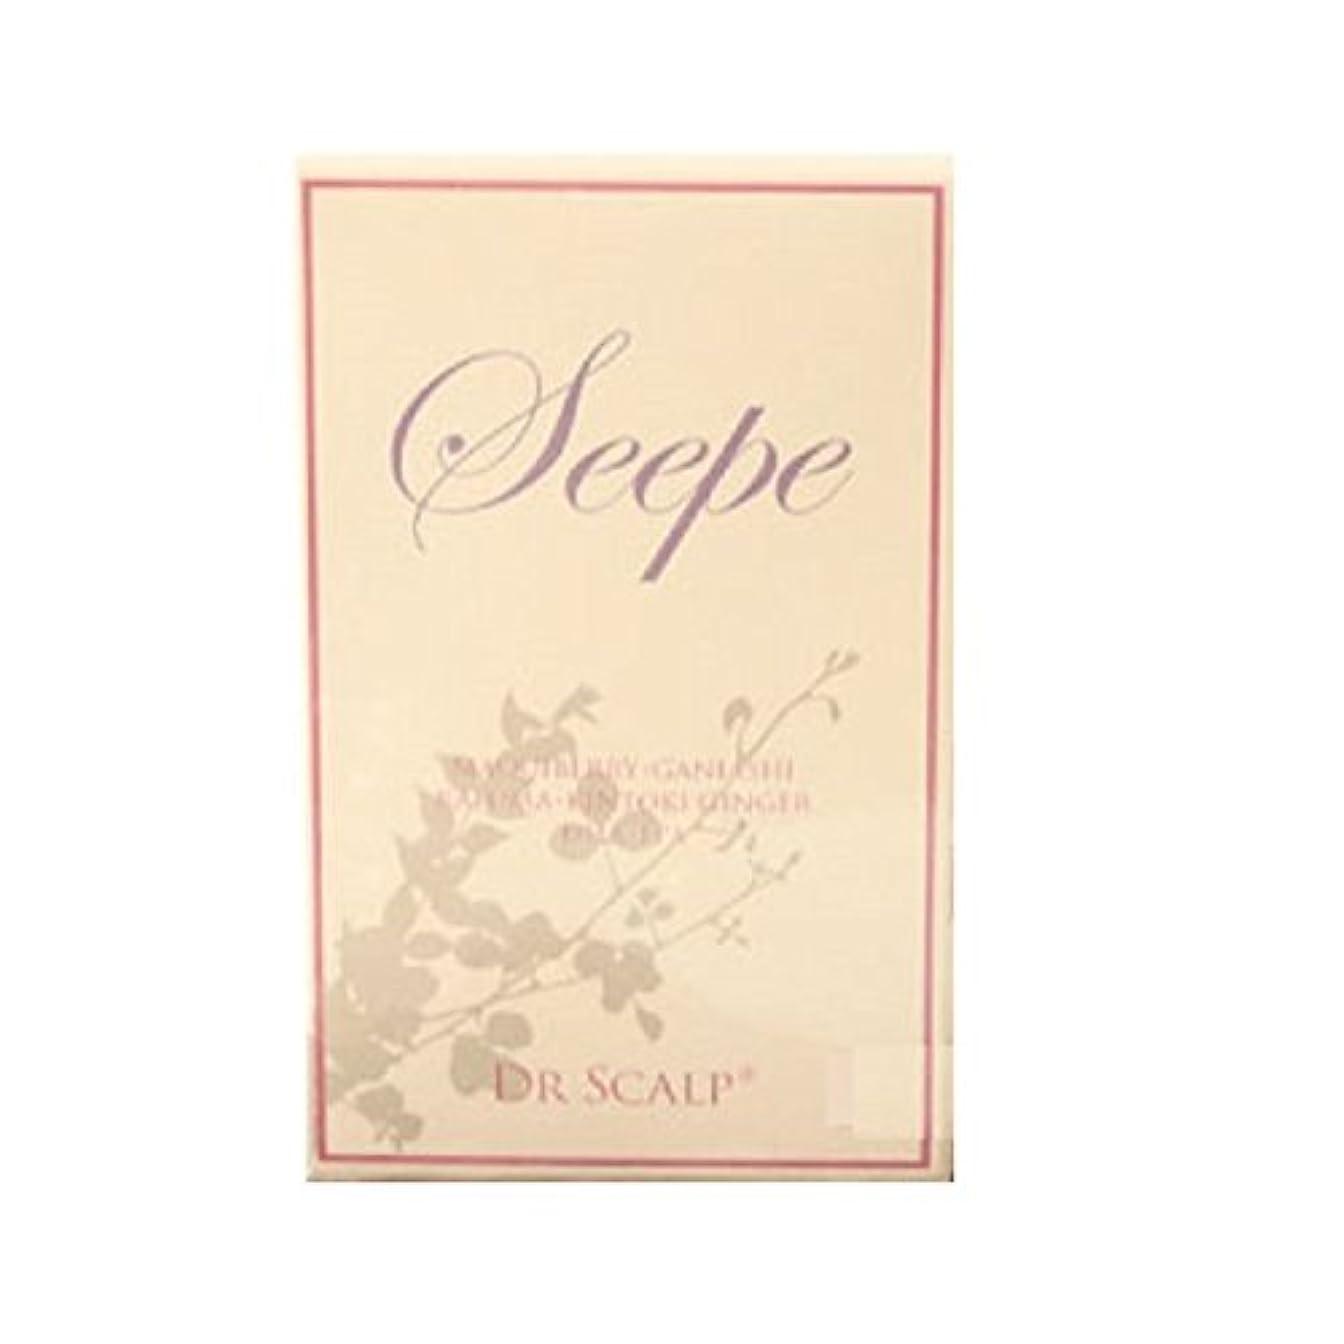 ドクタースカルプ DR.SCALP(ドクタースカルプ)SEEPE(シープ) (サプリメント)※プロジェクトサプリメントのリニューアル商品です《60粒》